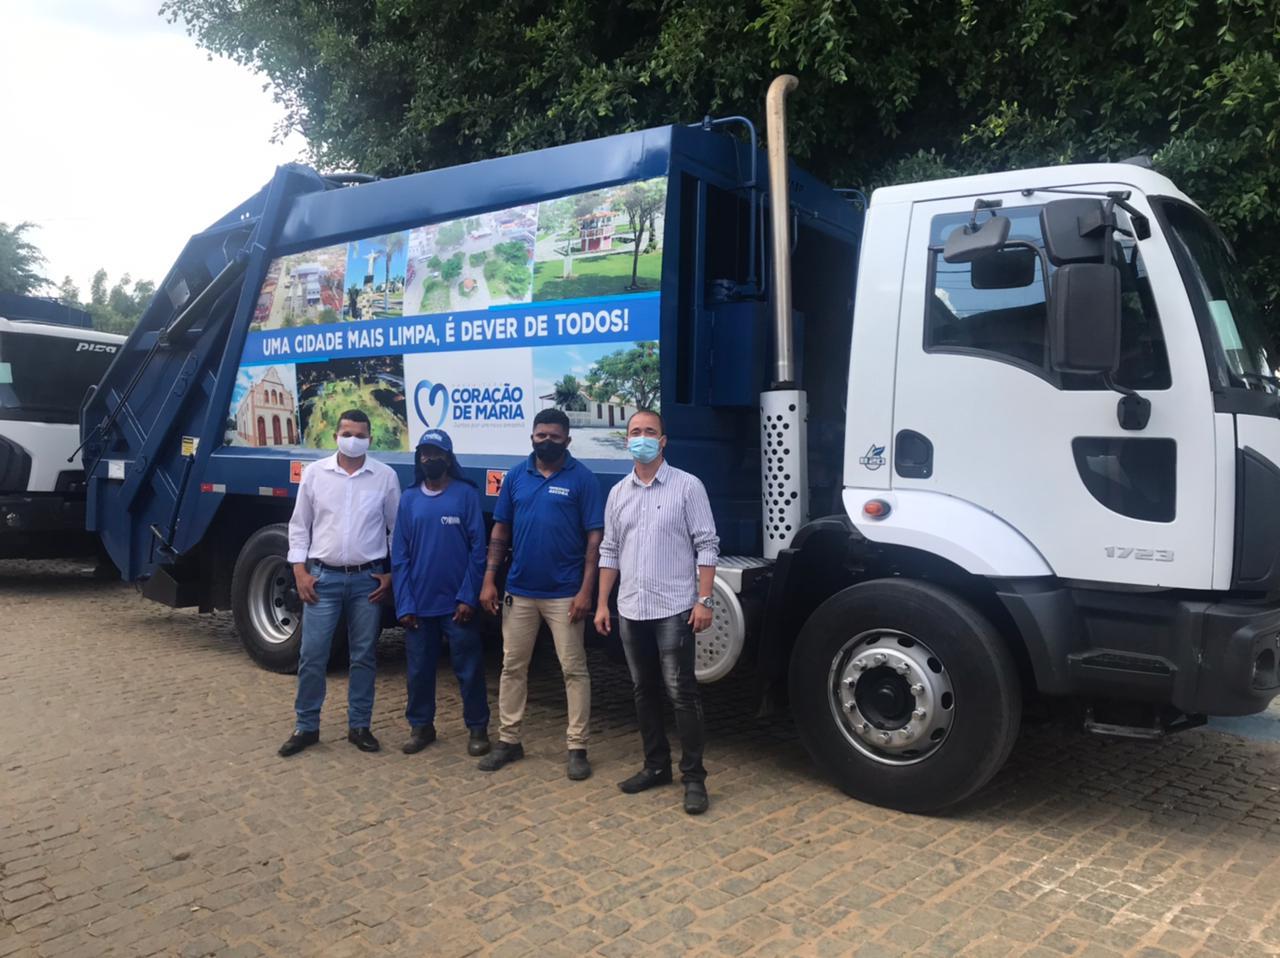 CORAÇÃO DE MARIA: Secretaria de Obras recebe novos caminhões compactadores para serviço de coleta de lixo